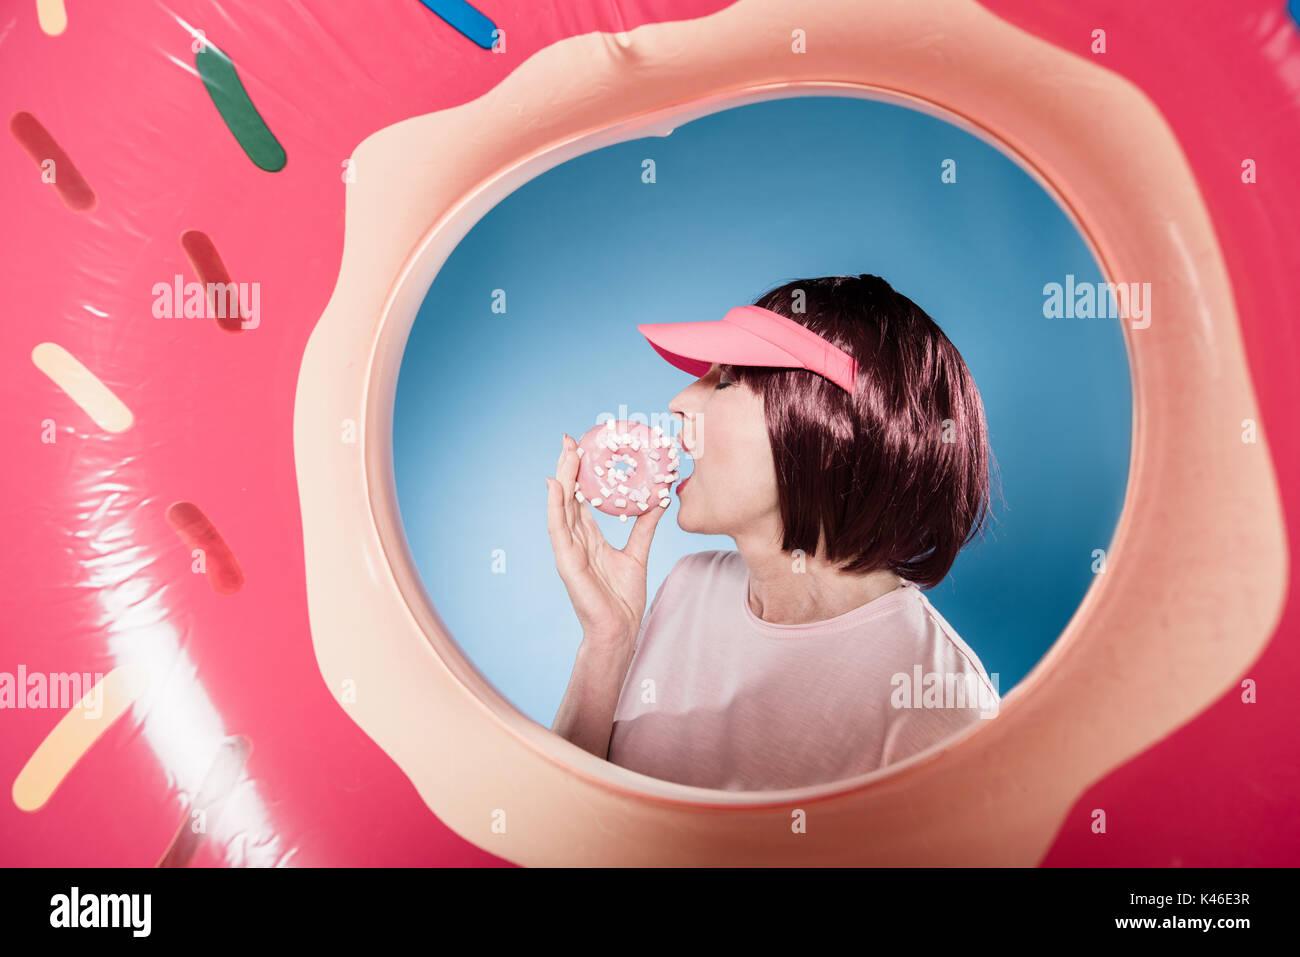 Femme élégante en beignet sucré alimentation tube natation Photo Stock